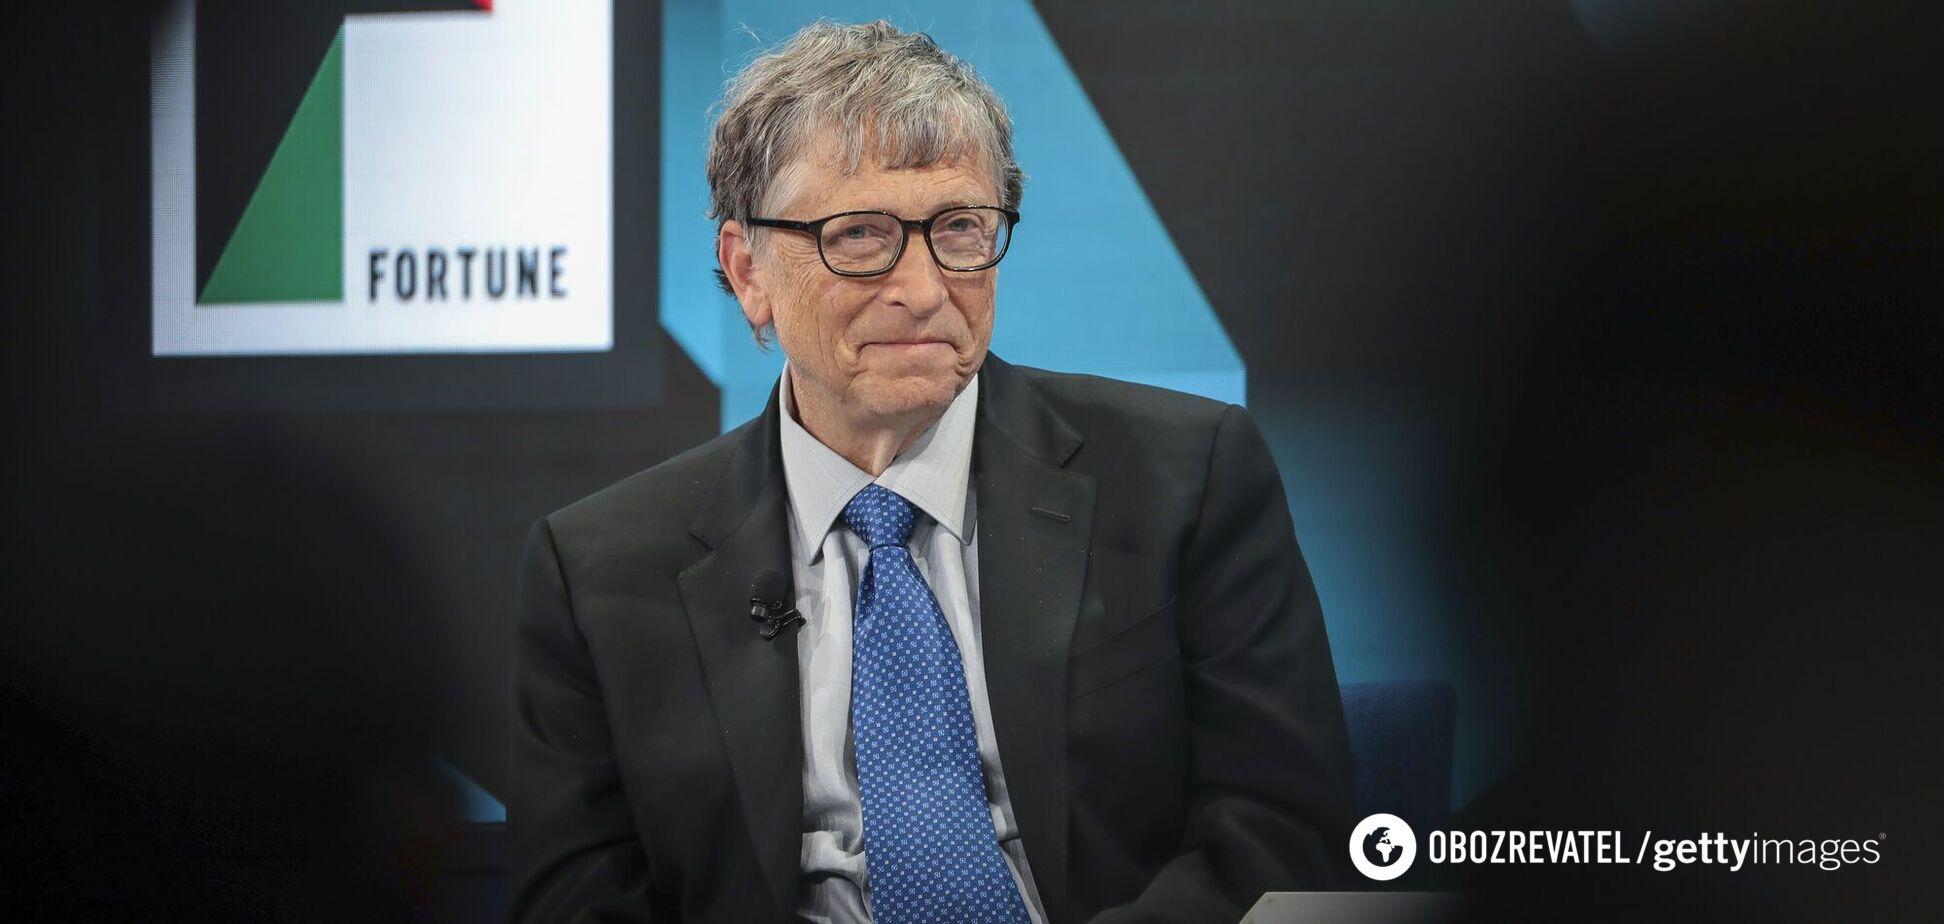 Білл Ґейтс заговорив про епідемію, гіршу за COVID-19